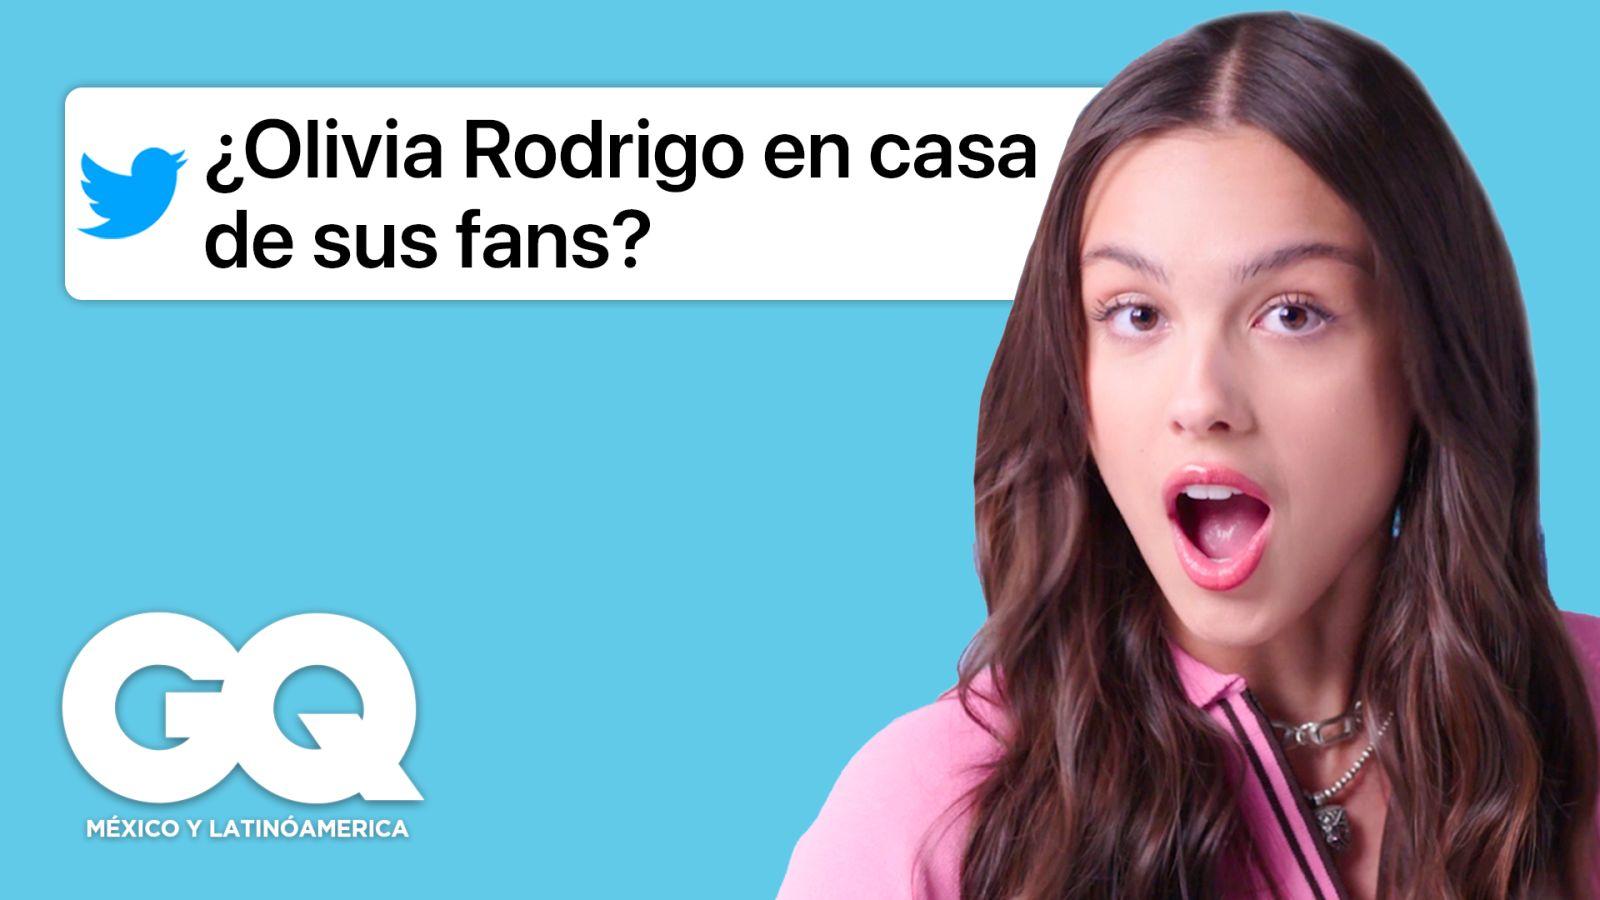 Olivia Rodrigo entra de infiltrada a Internet y responde a sus fans